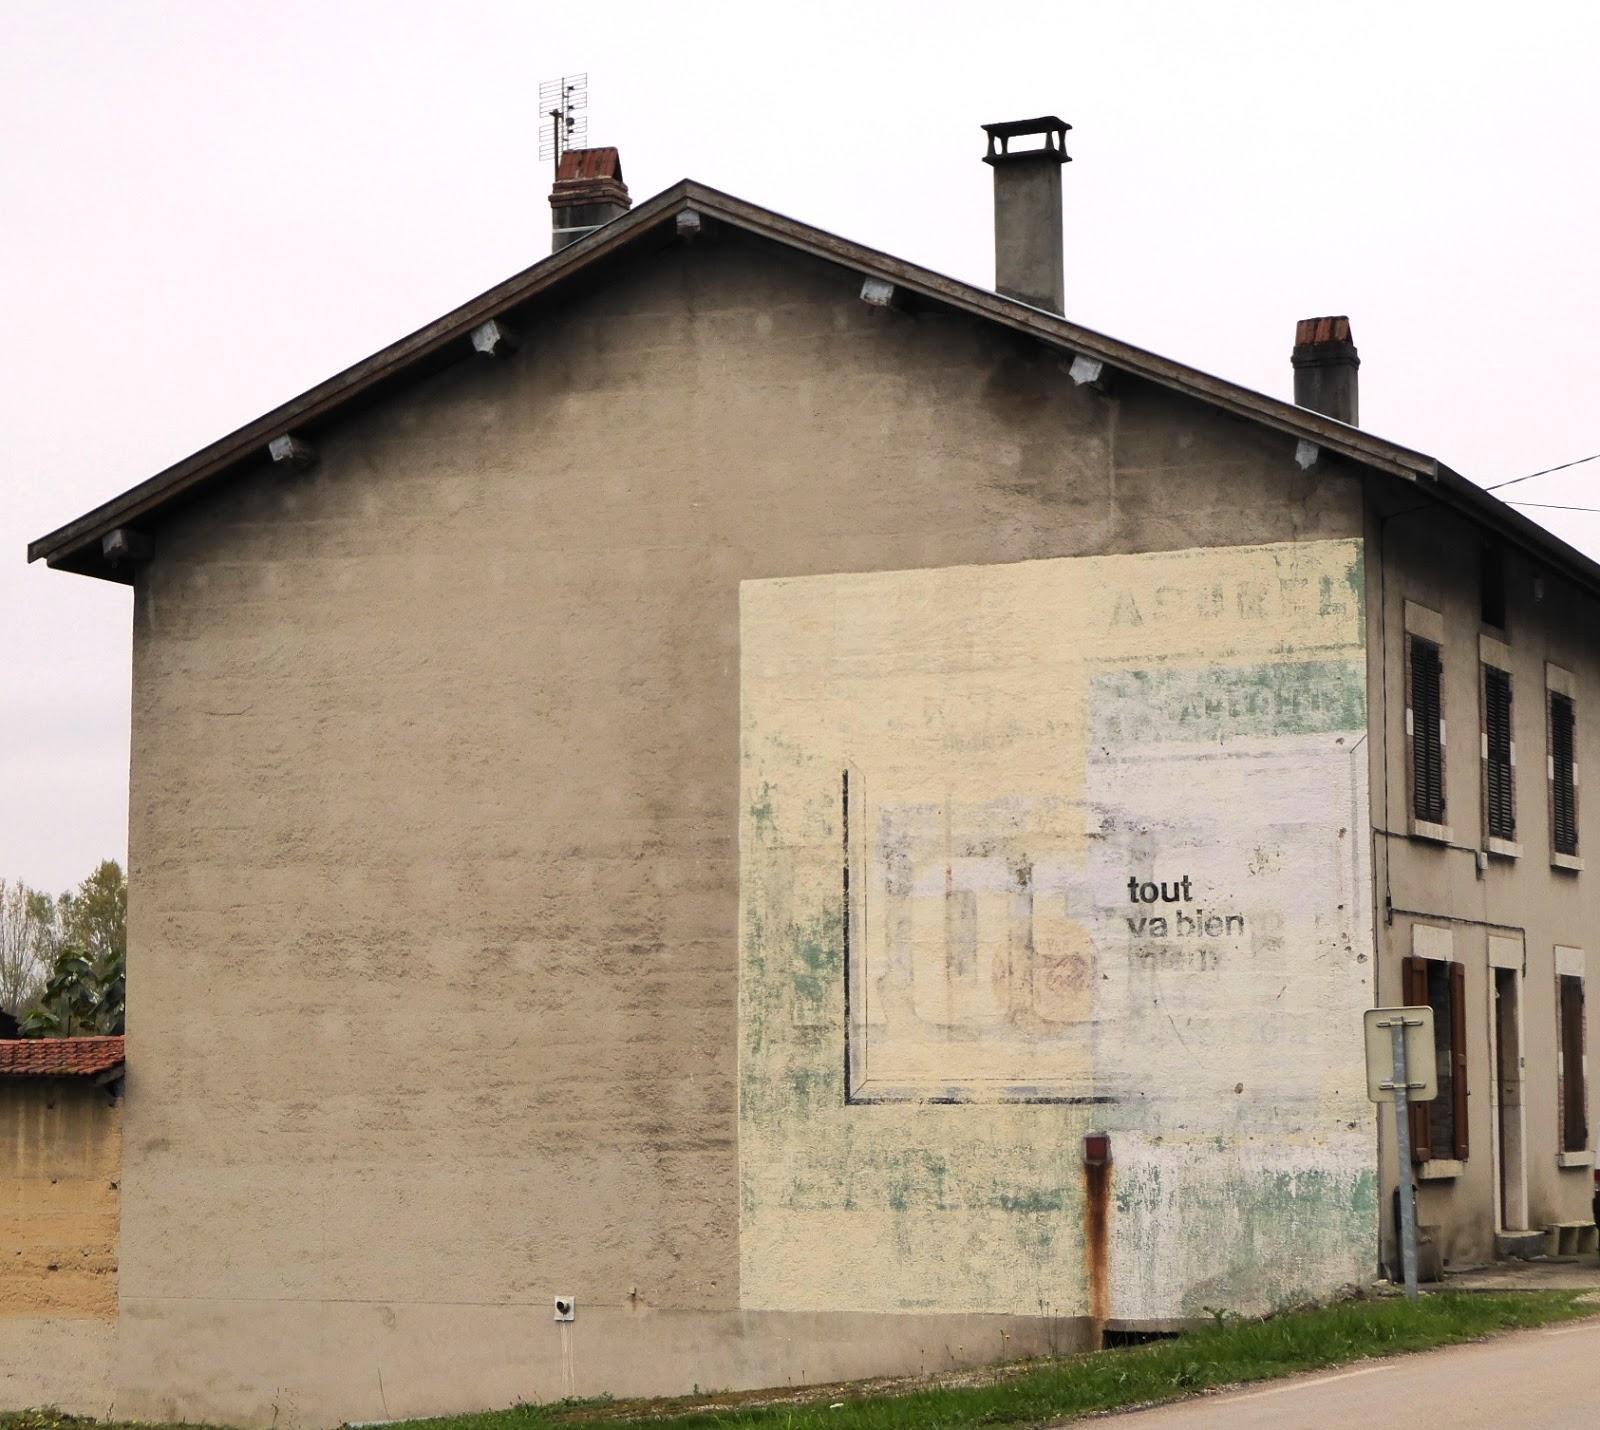 Des signes sur les murs soif d 39 hier - D ou vient la moisissure sur les murs ...